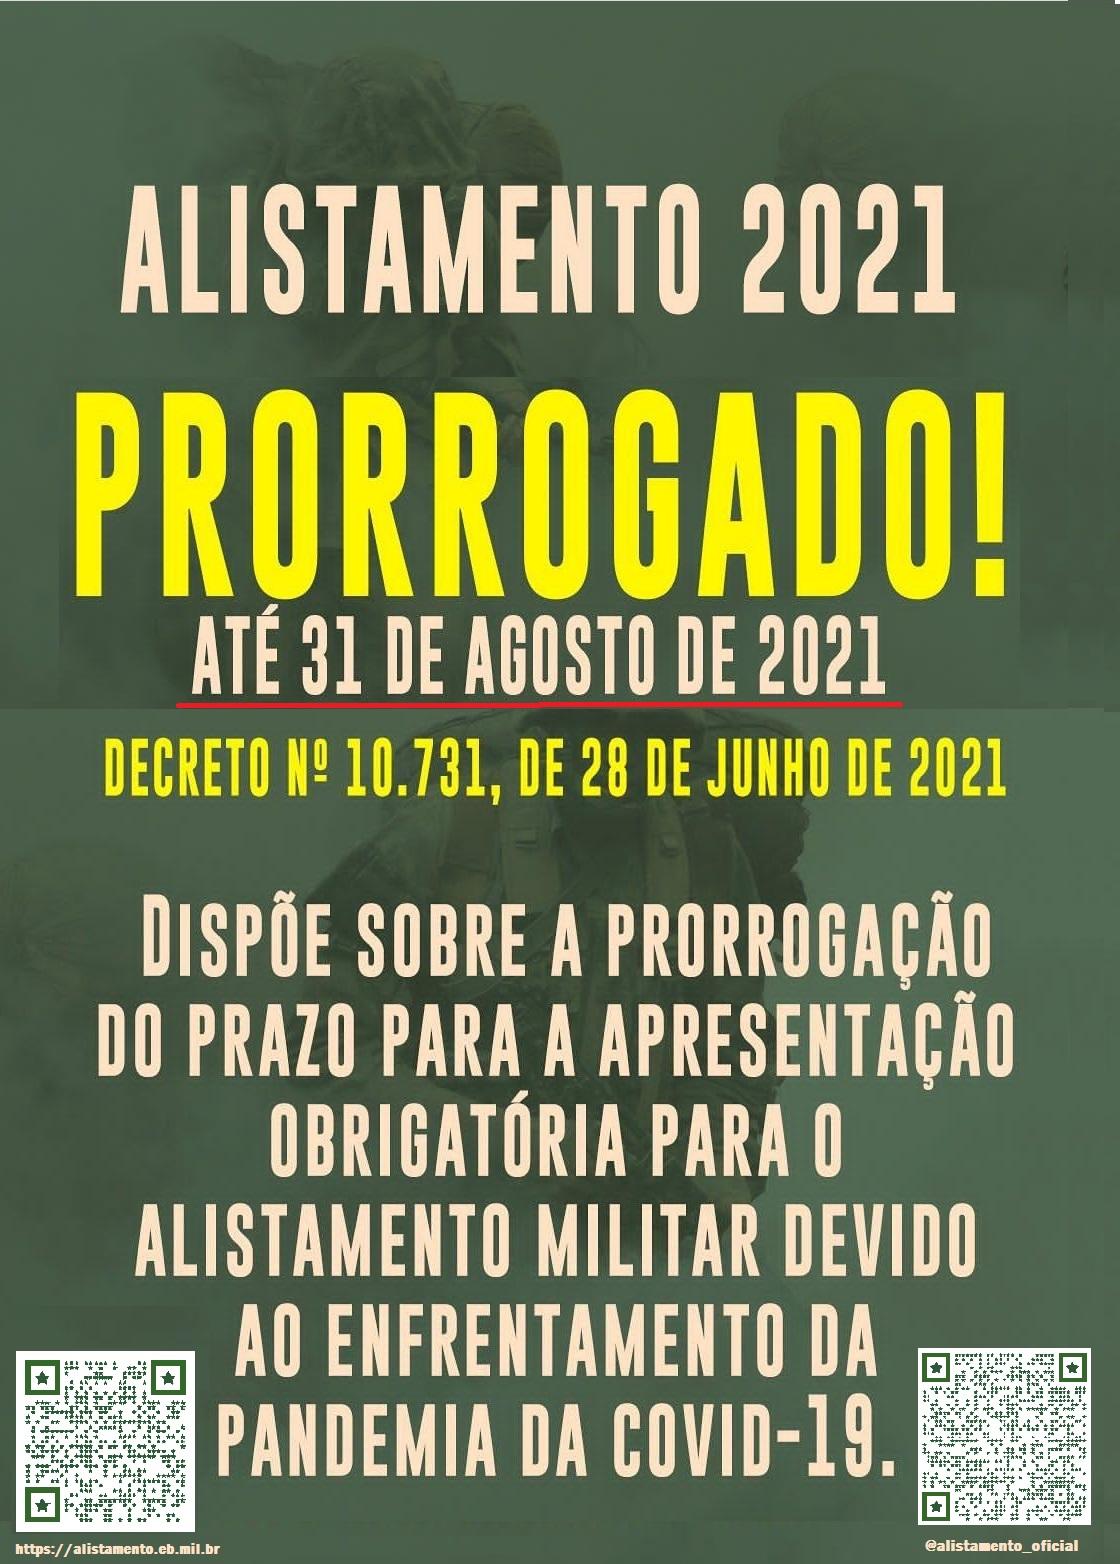 PRORROGACAO ALISTAMENTO 2021